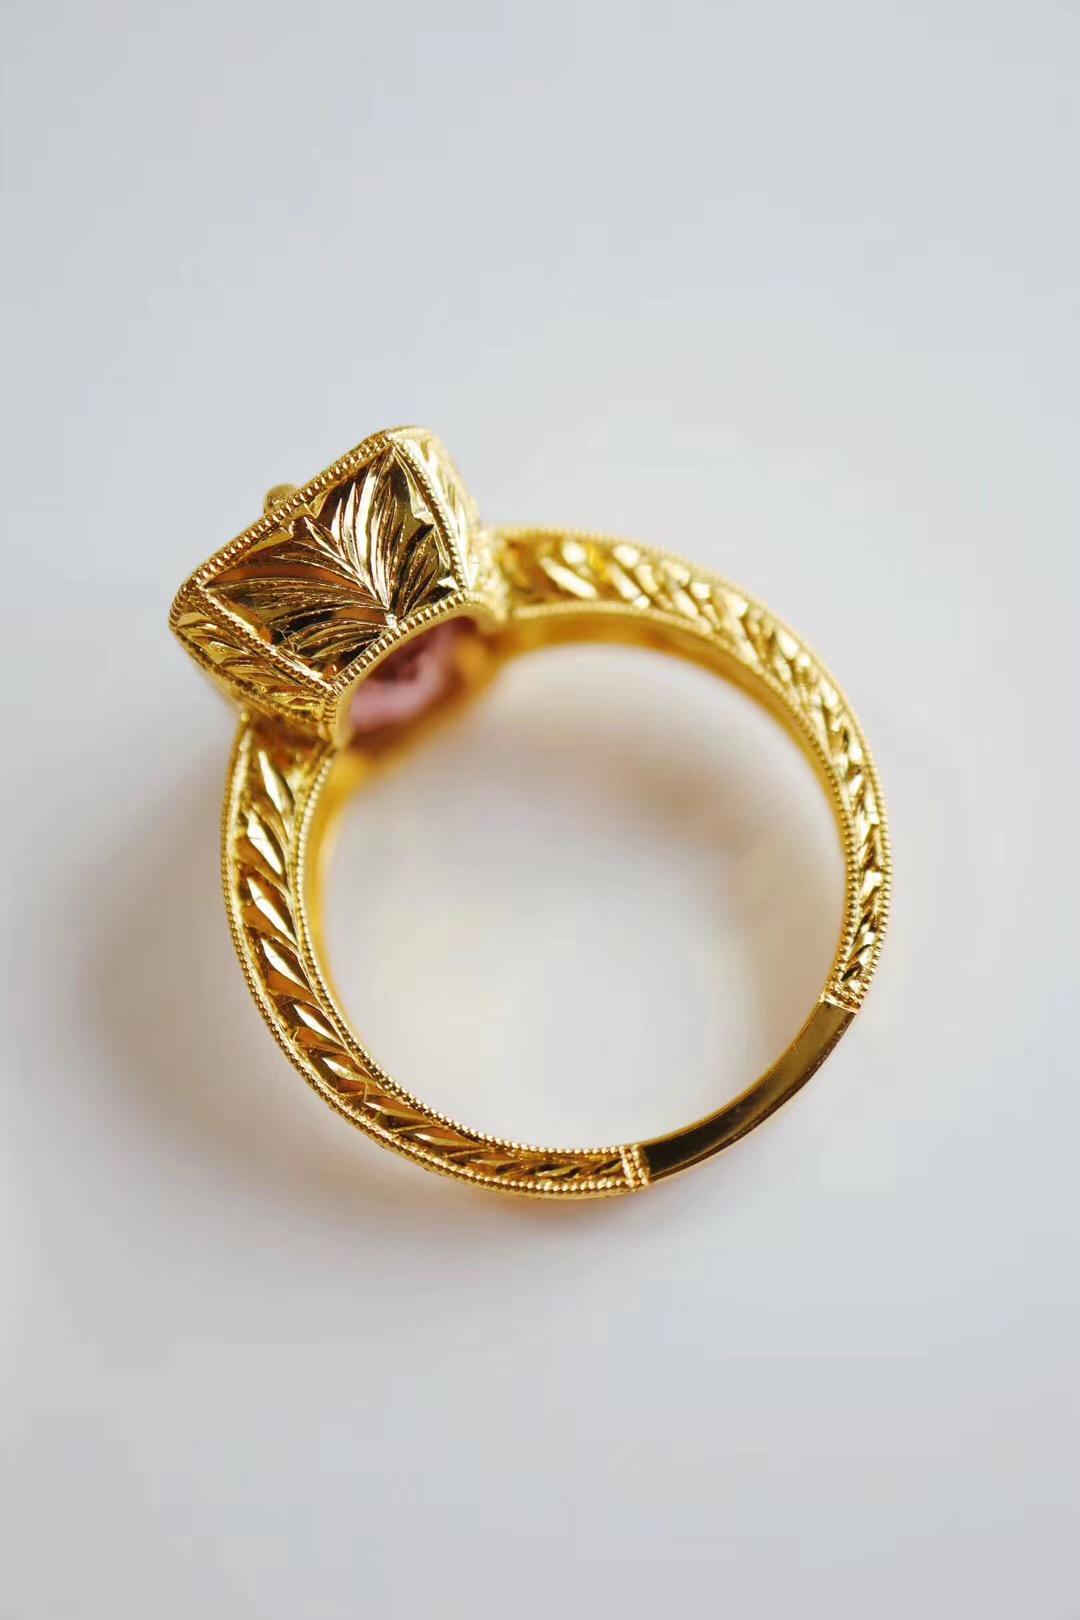 【碧玺】关于这款戒指的细节,绝对是满分+-菩心晶舍